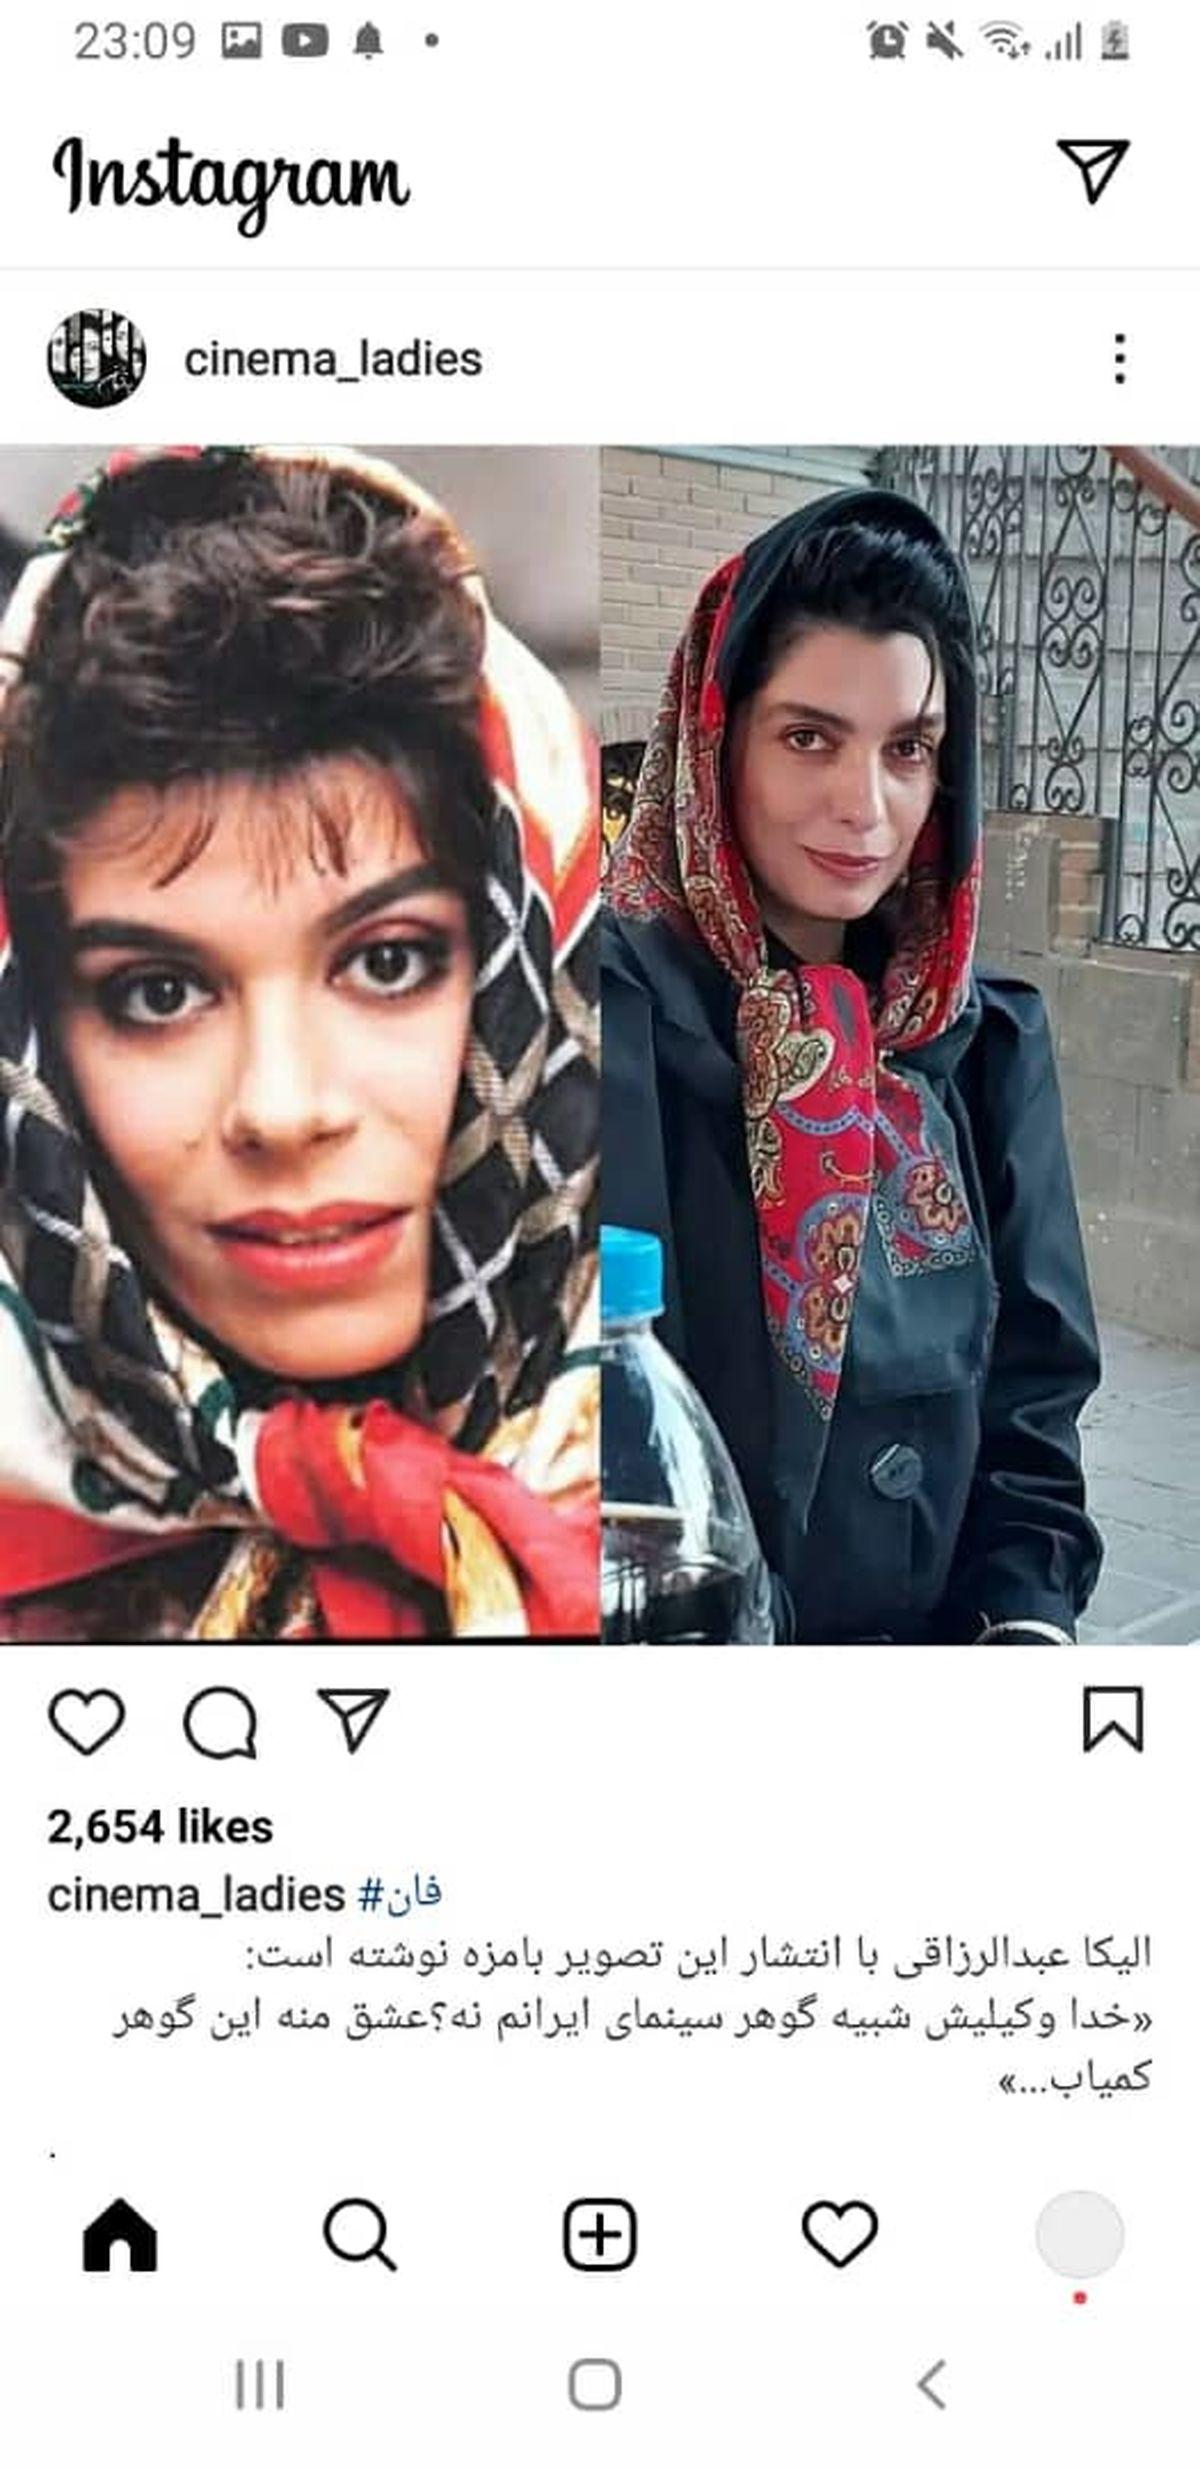 خبر جنجالی/ دختر گمشده گوهرخیراندیش پیدا شد +عکس